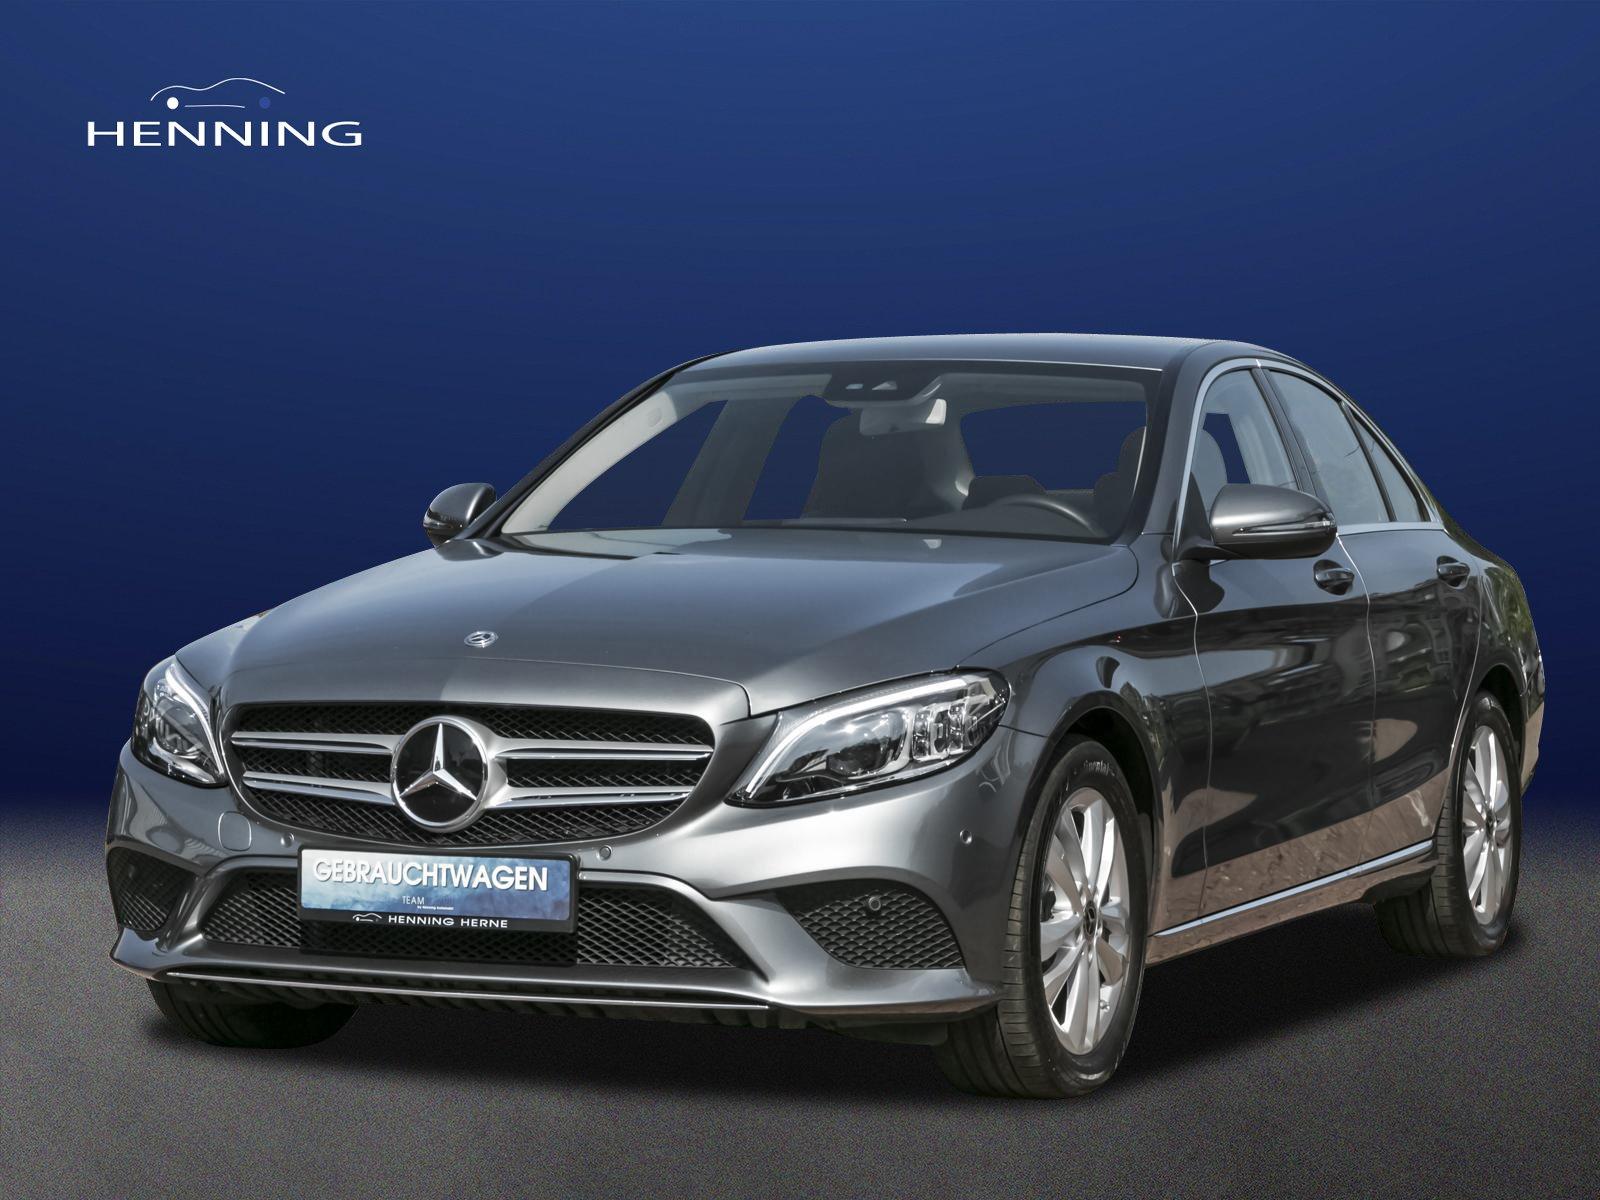 Mercedes-Benz C 300 d Avantgarde Kamera Keyless Go LED. AHK., Jahr 2019, Diesel